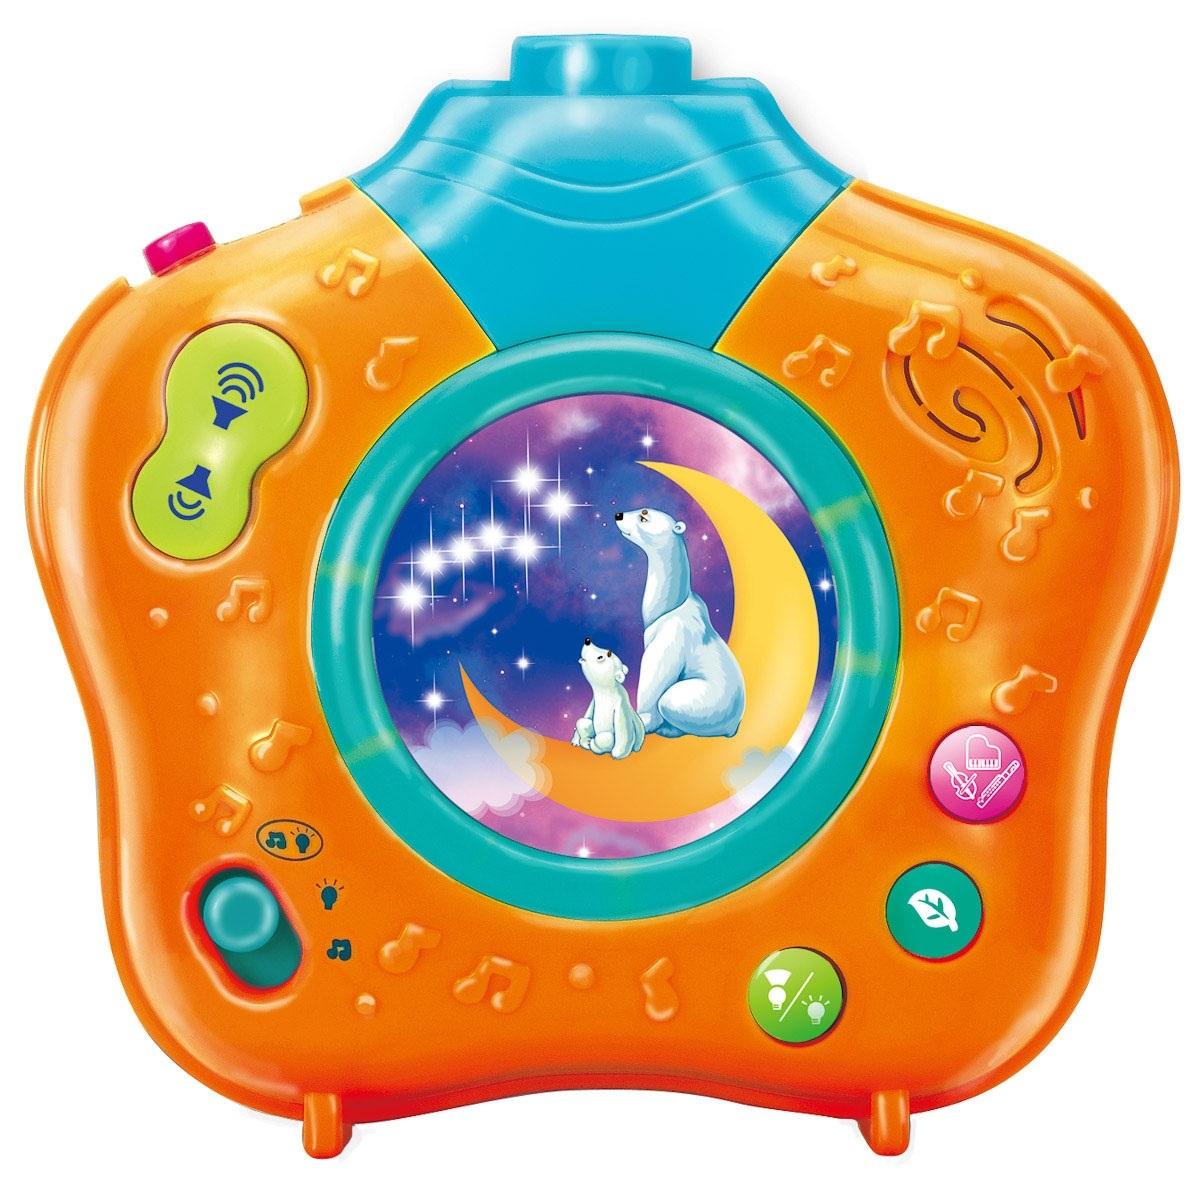 Музыкальный Ночник-проектор  Волшебный мир  - Музыкальные ночники и проекторы, артикул: 122472